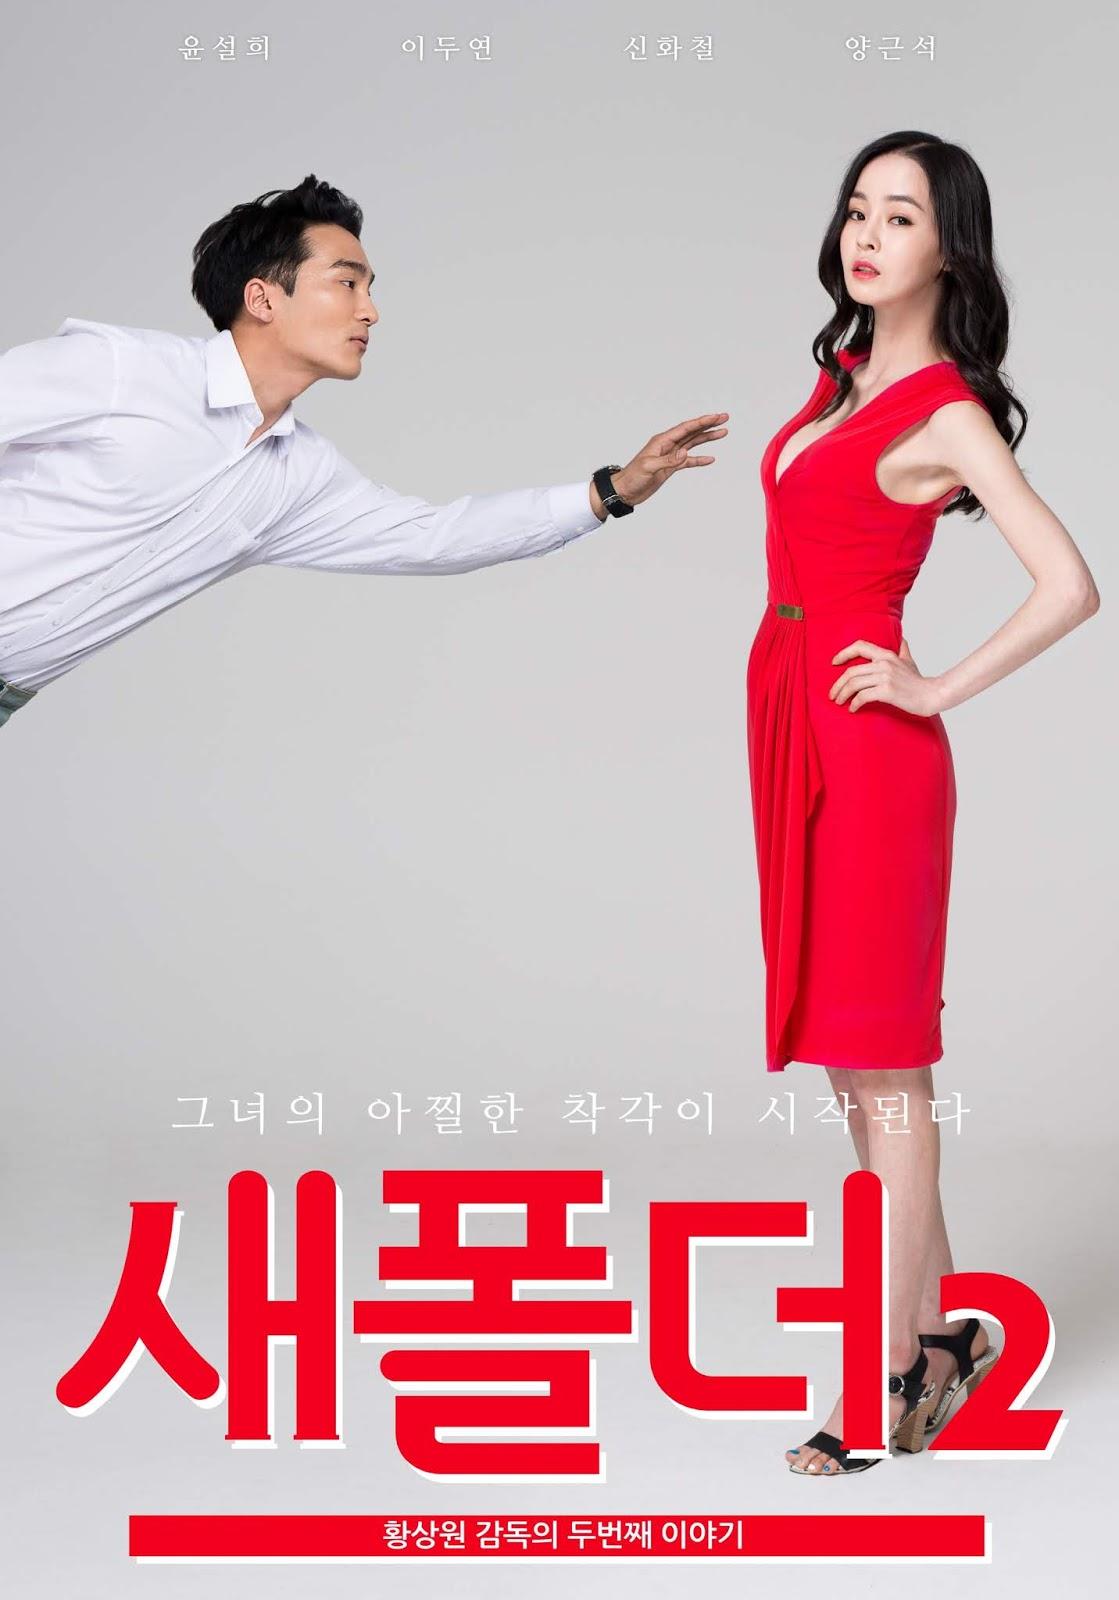 New Folder 2 Full Korea 18+ Adult Movie Online Free